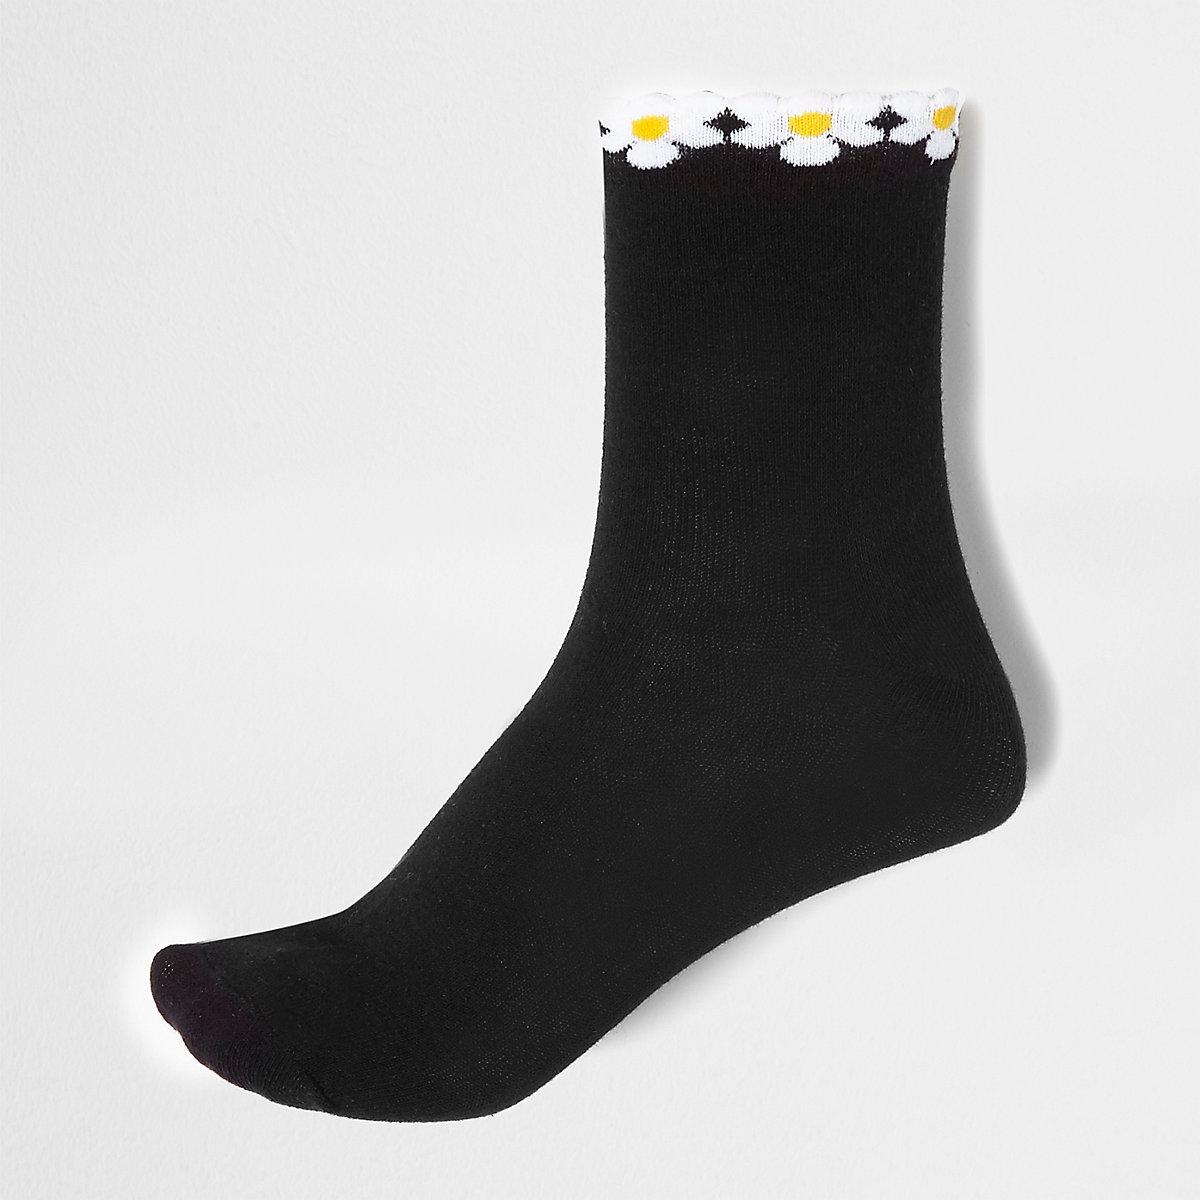 Black daisy hem ankle socks